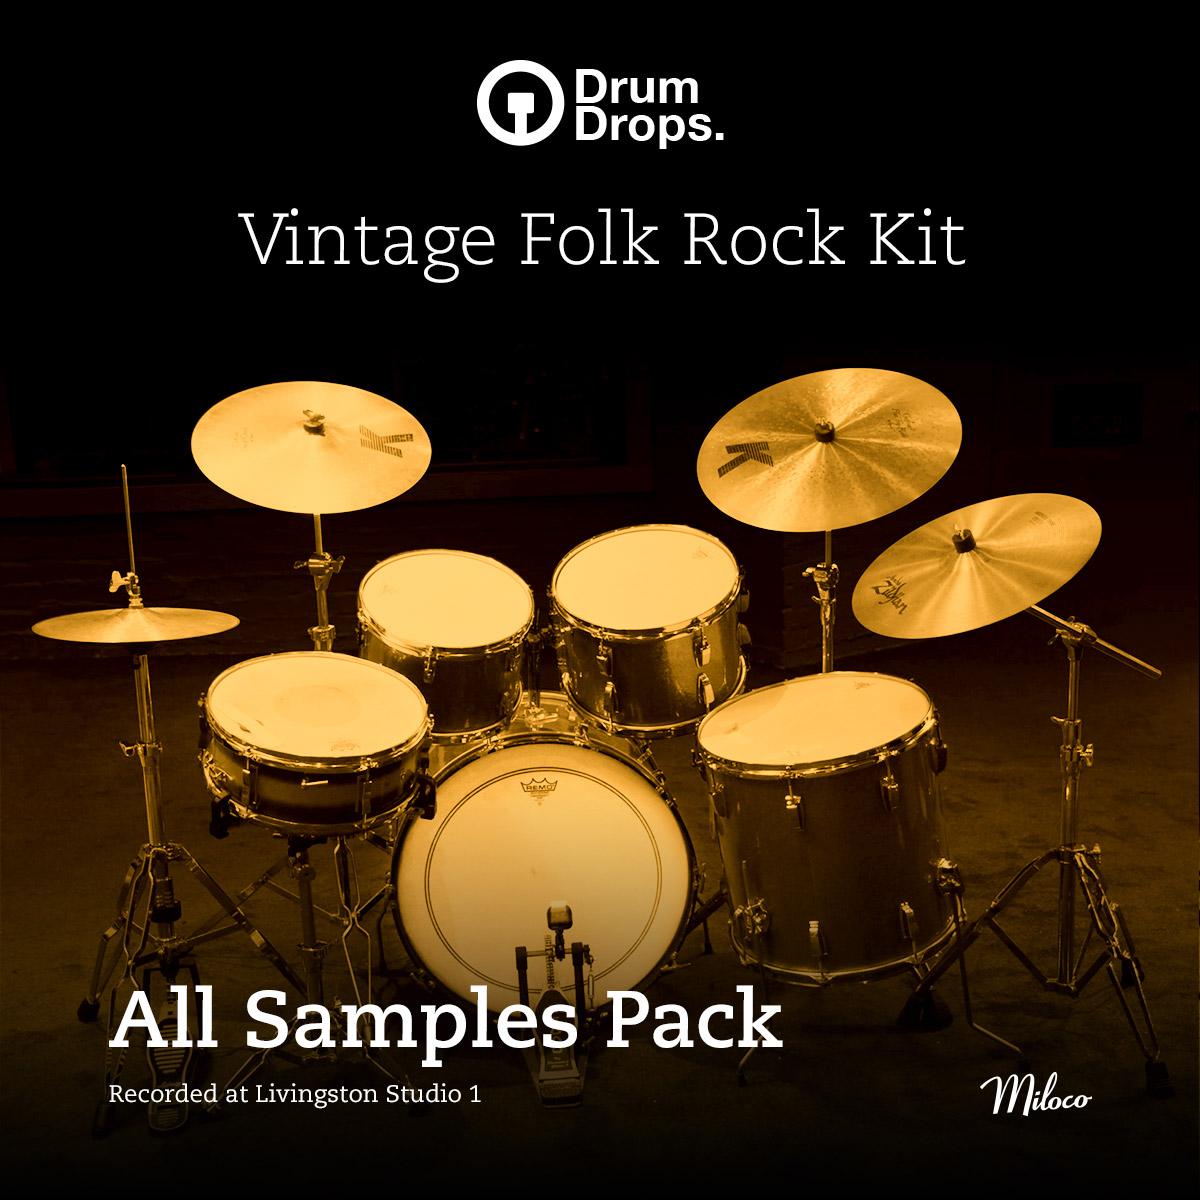 Vintage Folk Rock Kit - All Samples Pack